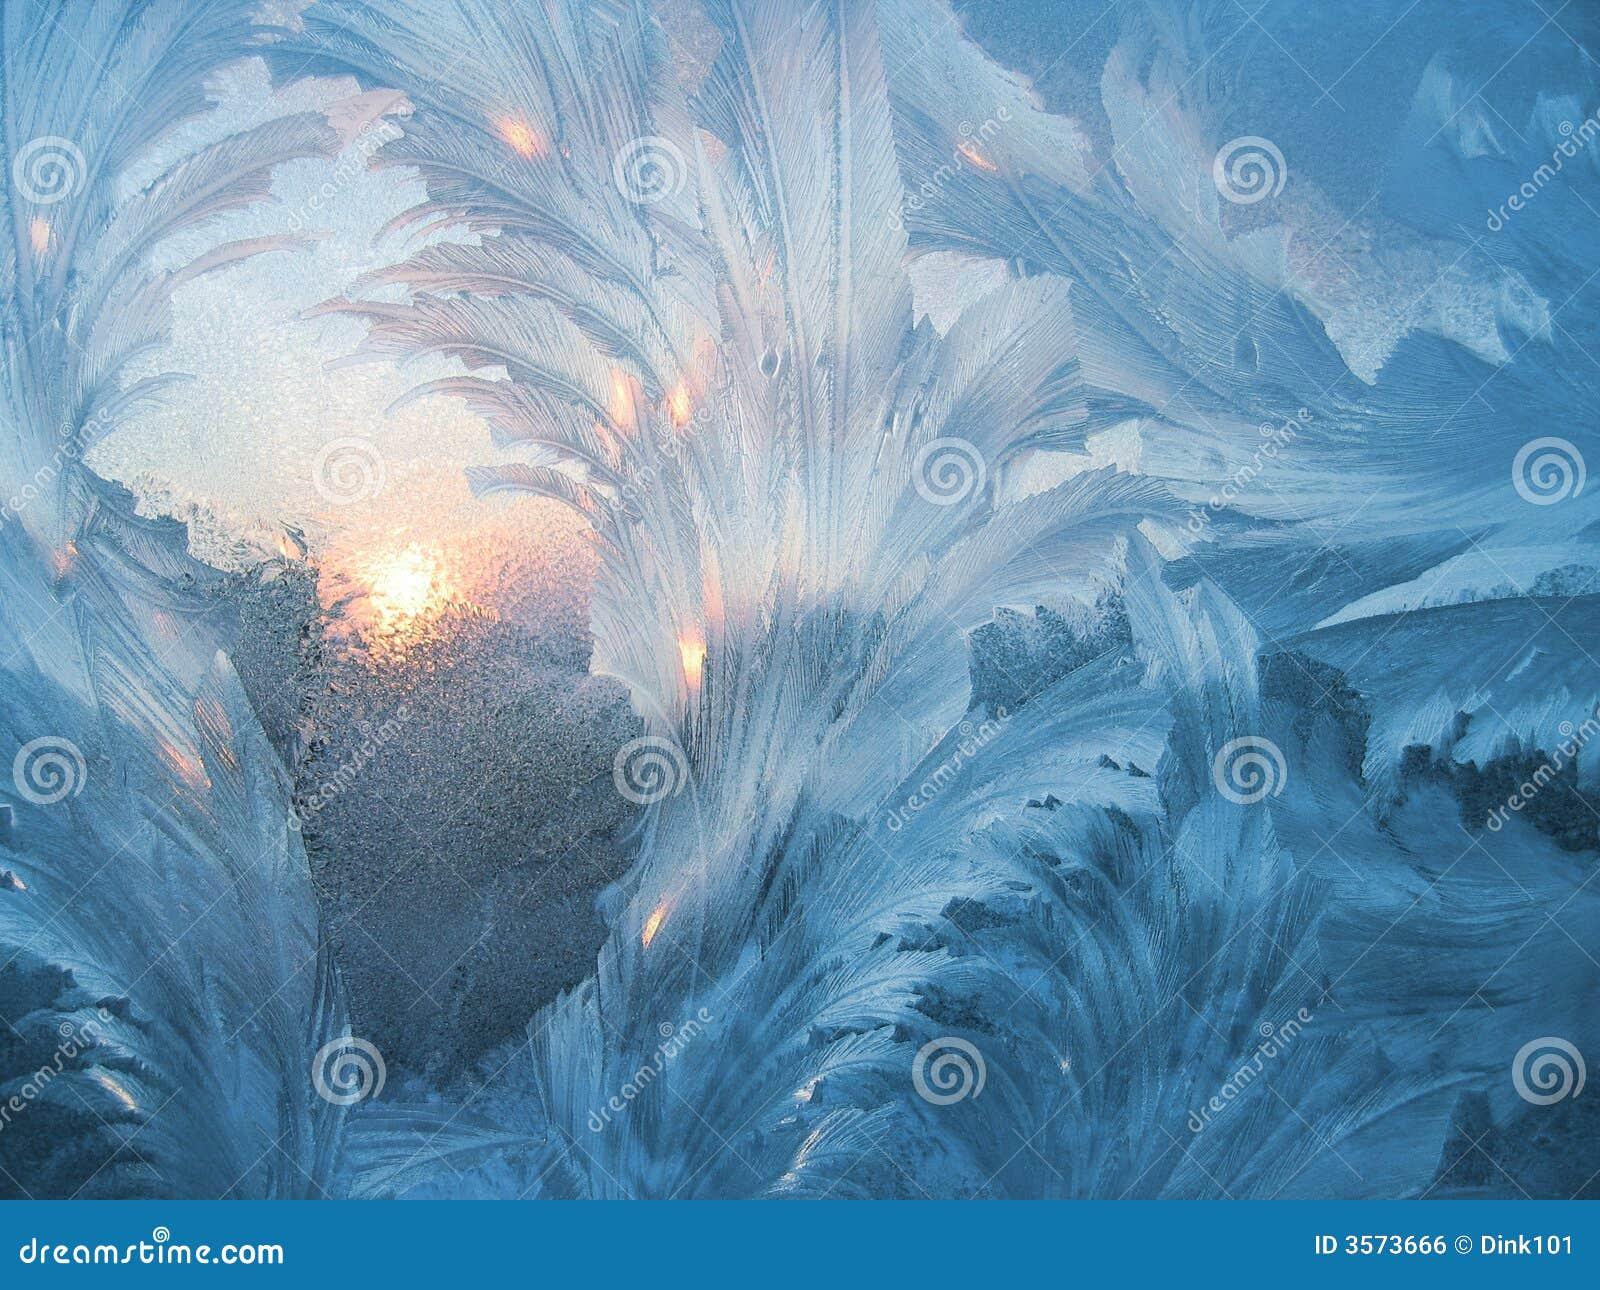 Frosty natural pattern #3